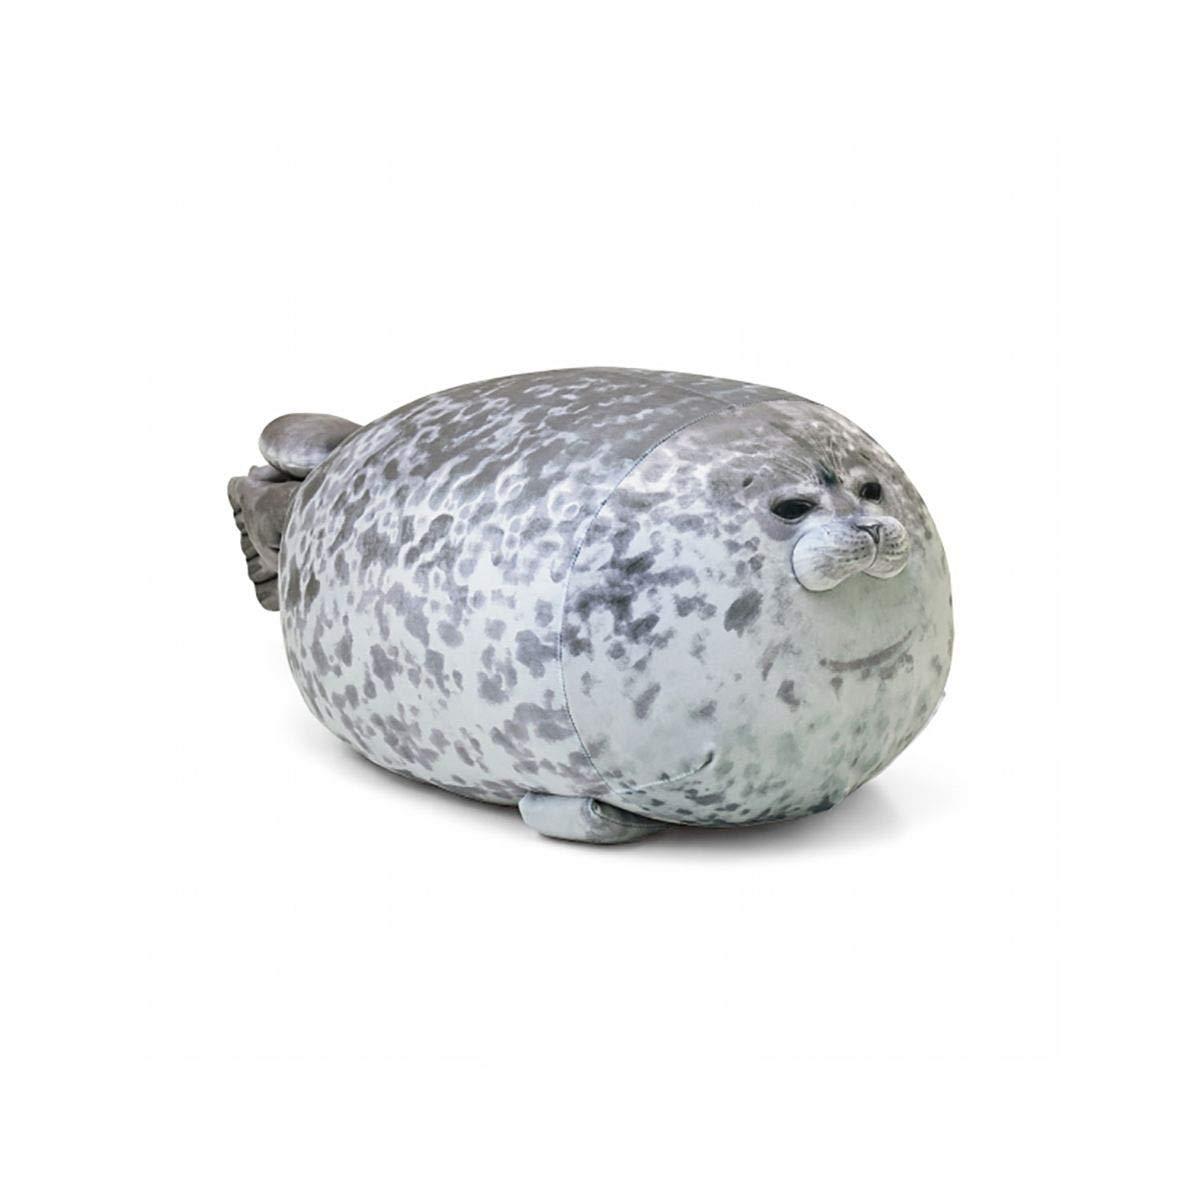 SHENGNONG Cuscino Animali Domestici Consolatore Cuscino Cicciona Blob Seal Peluche Giocattolo Animale Simpatico Oceano Cuscino Animale Domestico Bambola per Bambini Peluche in Cotone